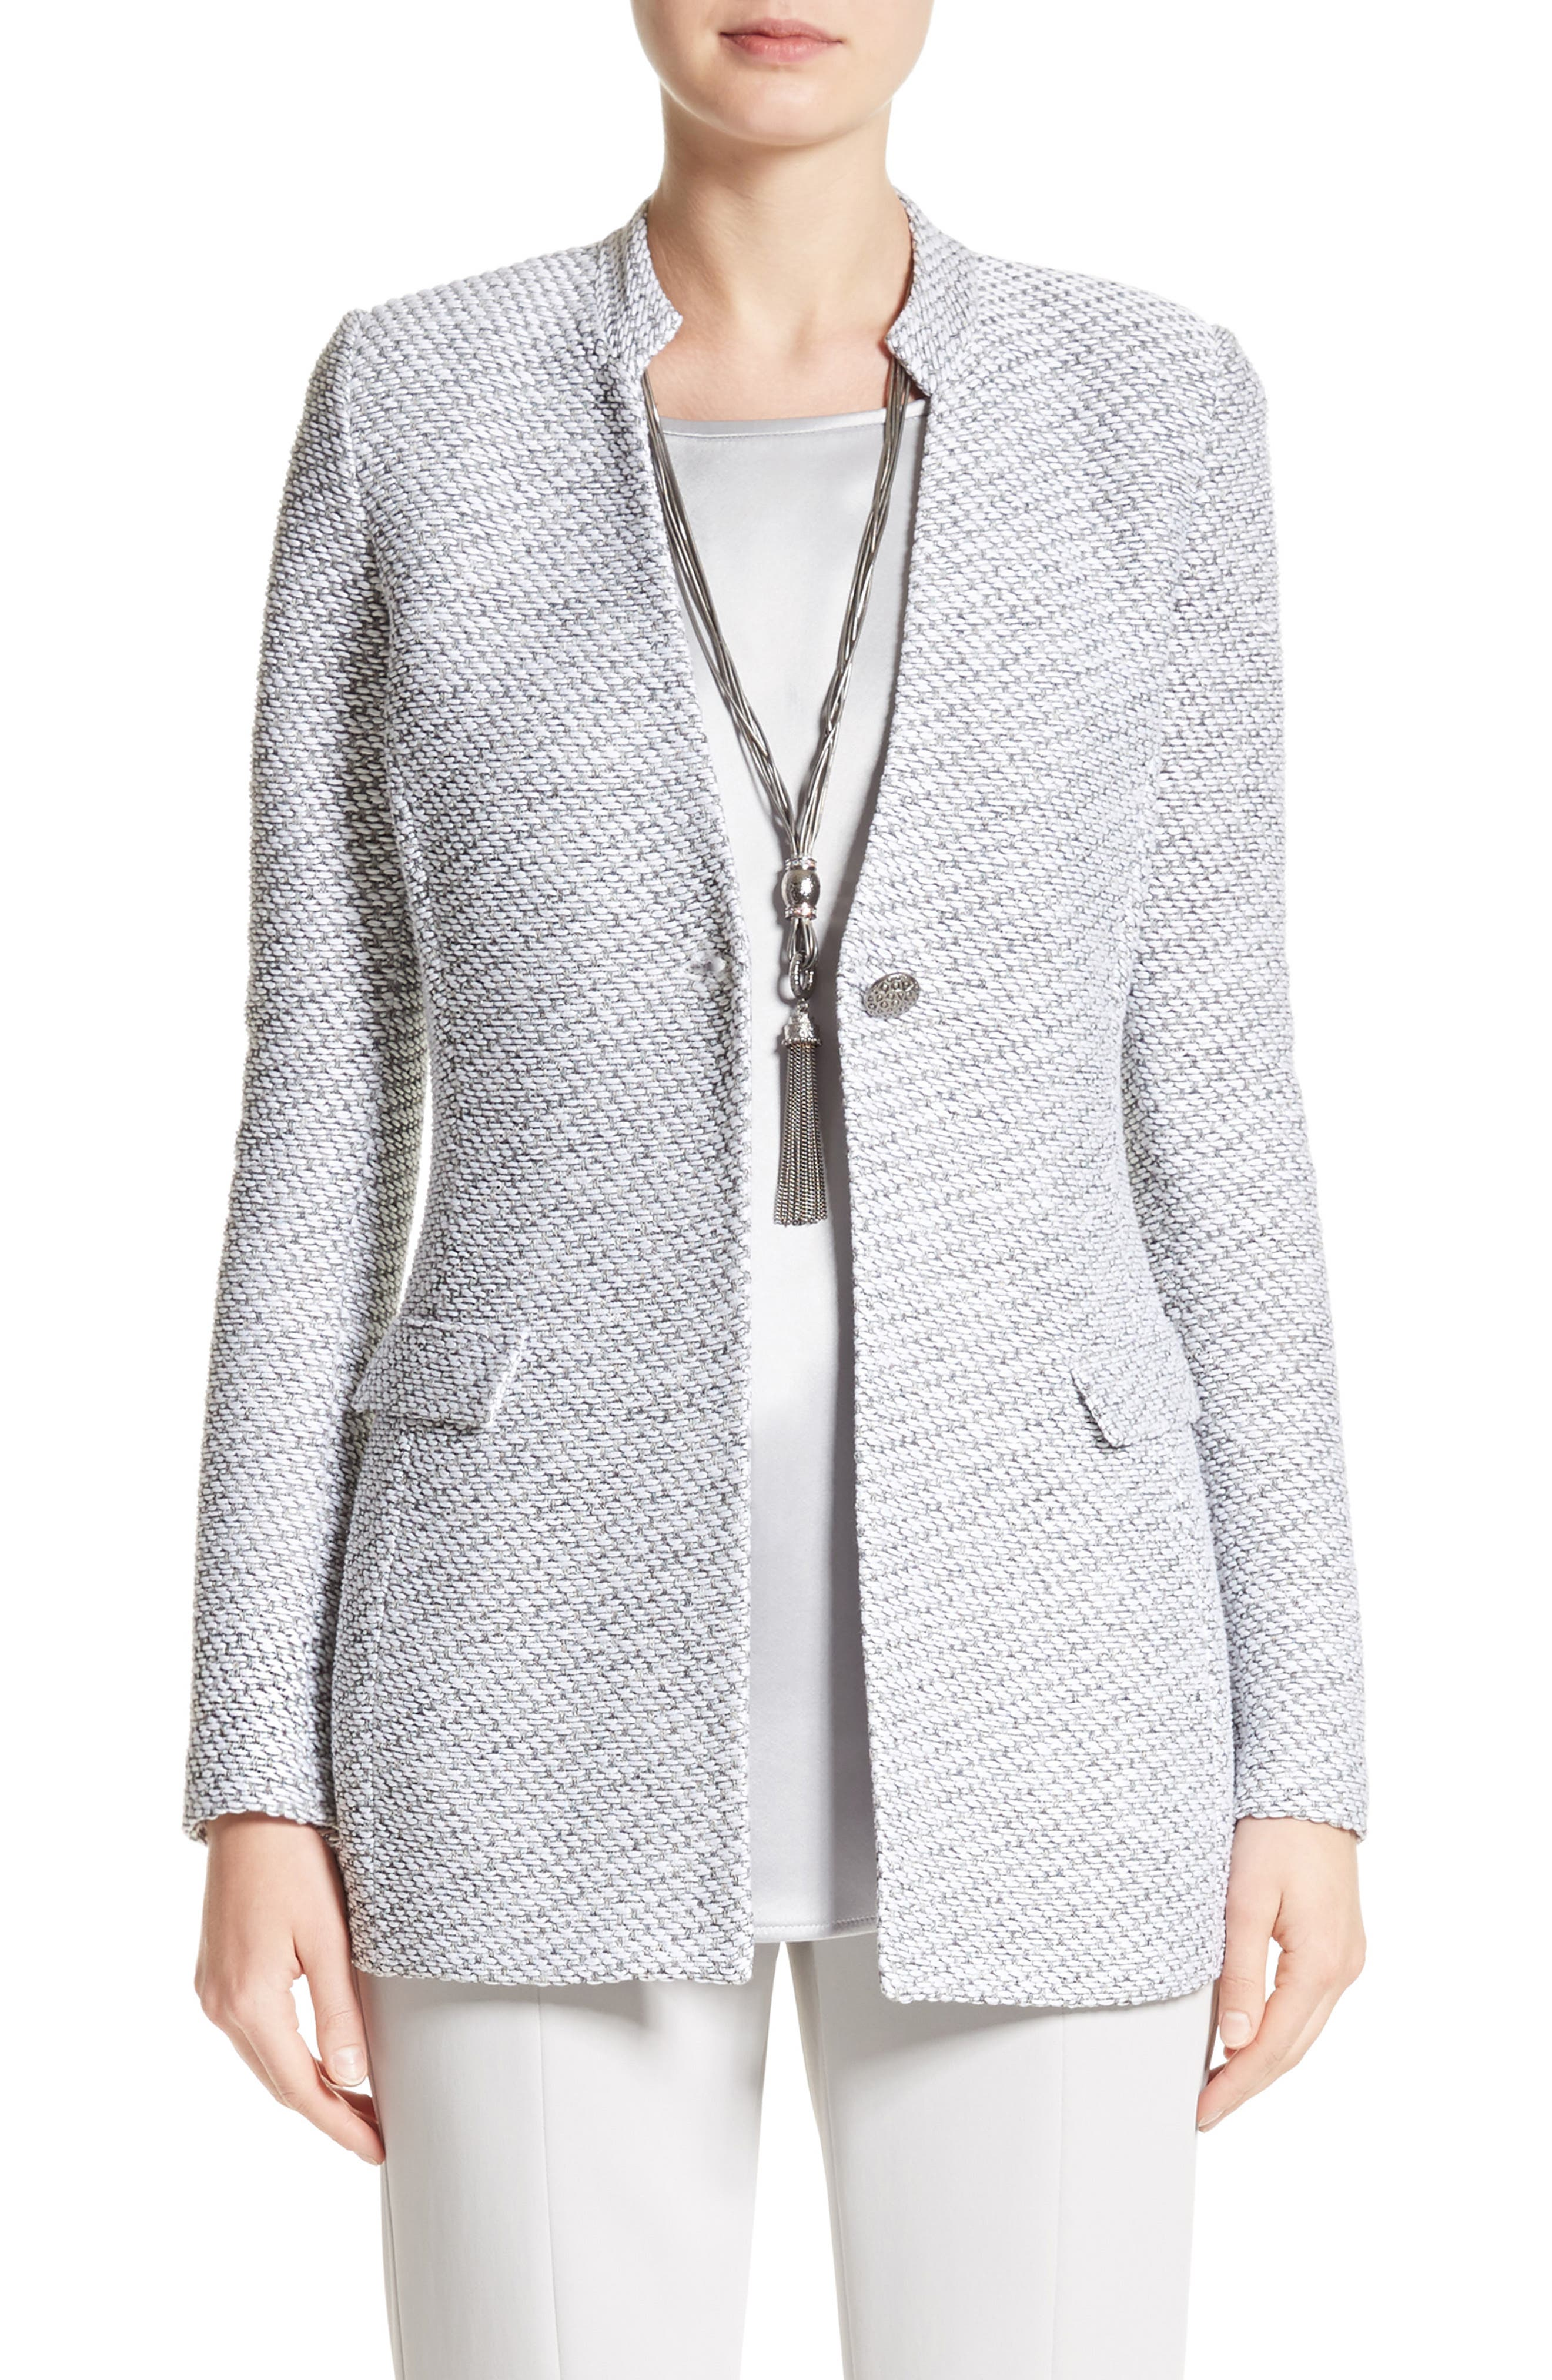 Gyan Knit Jacket,                         Main,                         color, 020